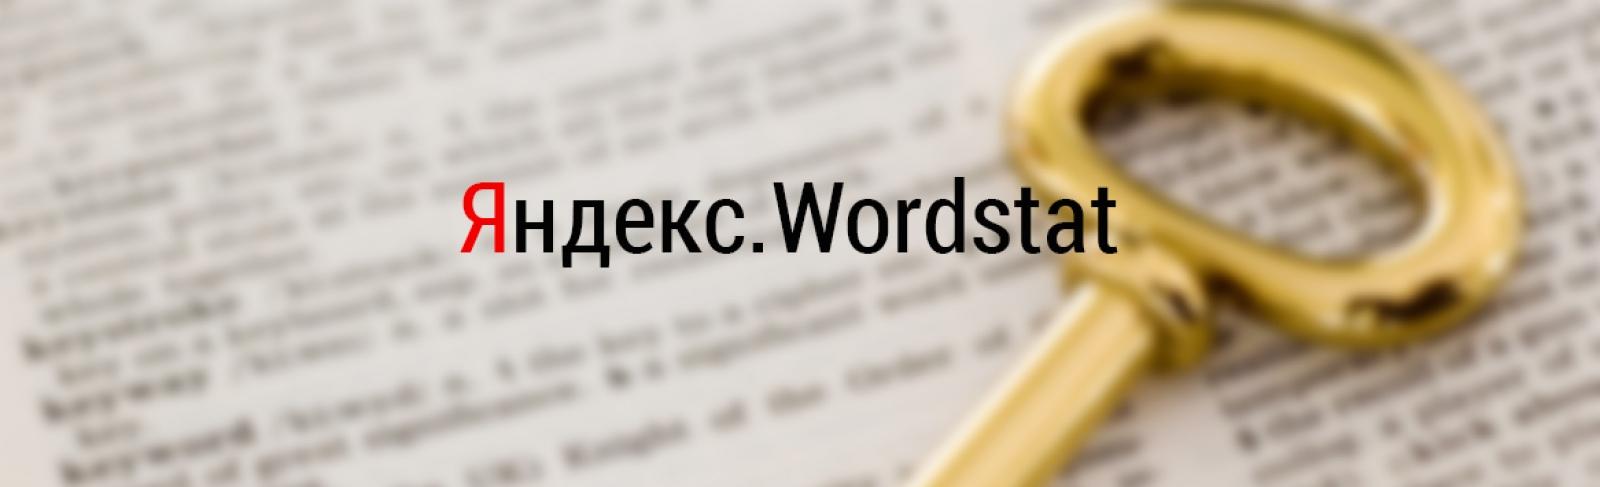 Yandex Wordstat — что это за сервис и как с ним работать